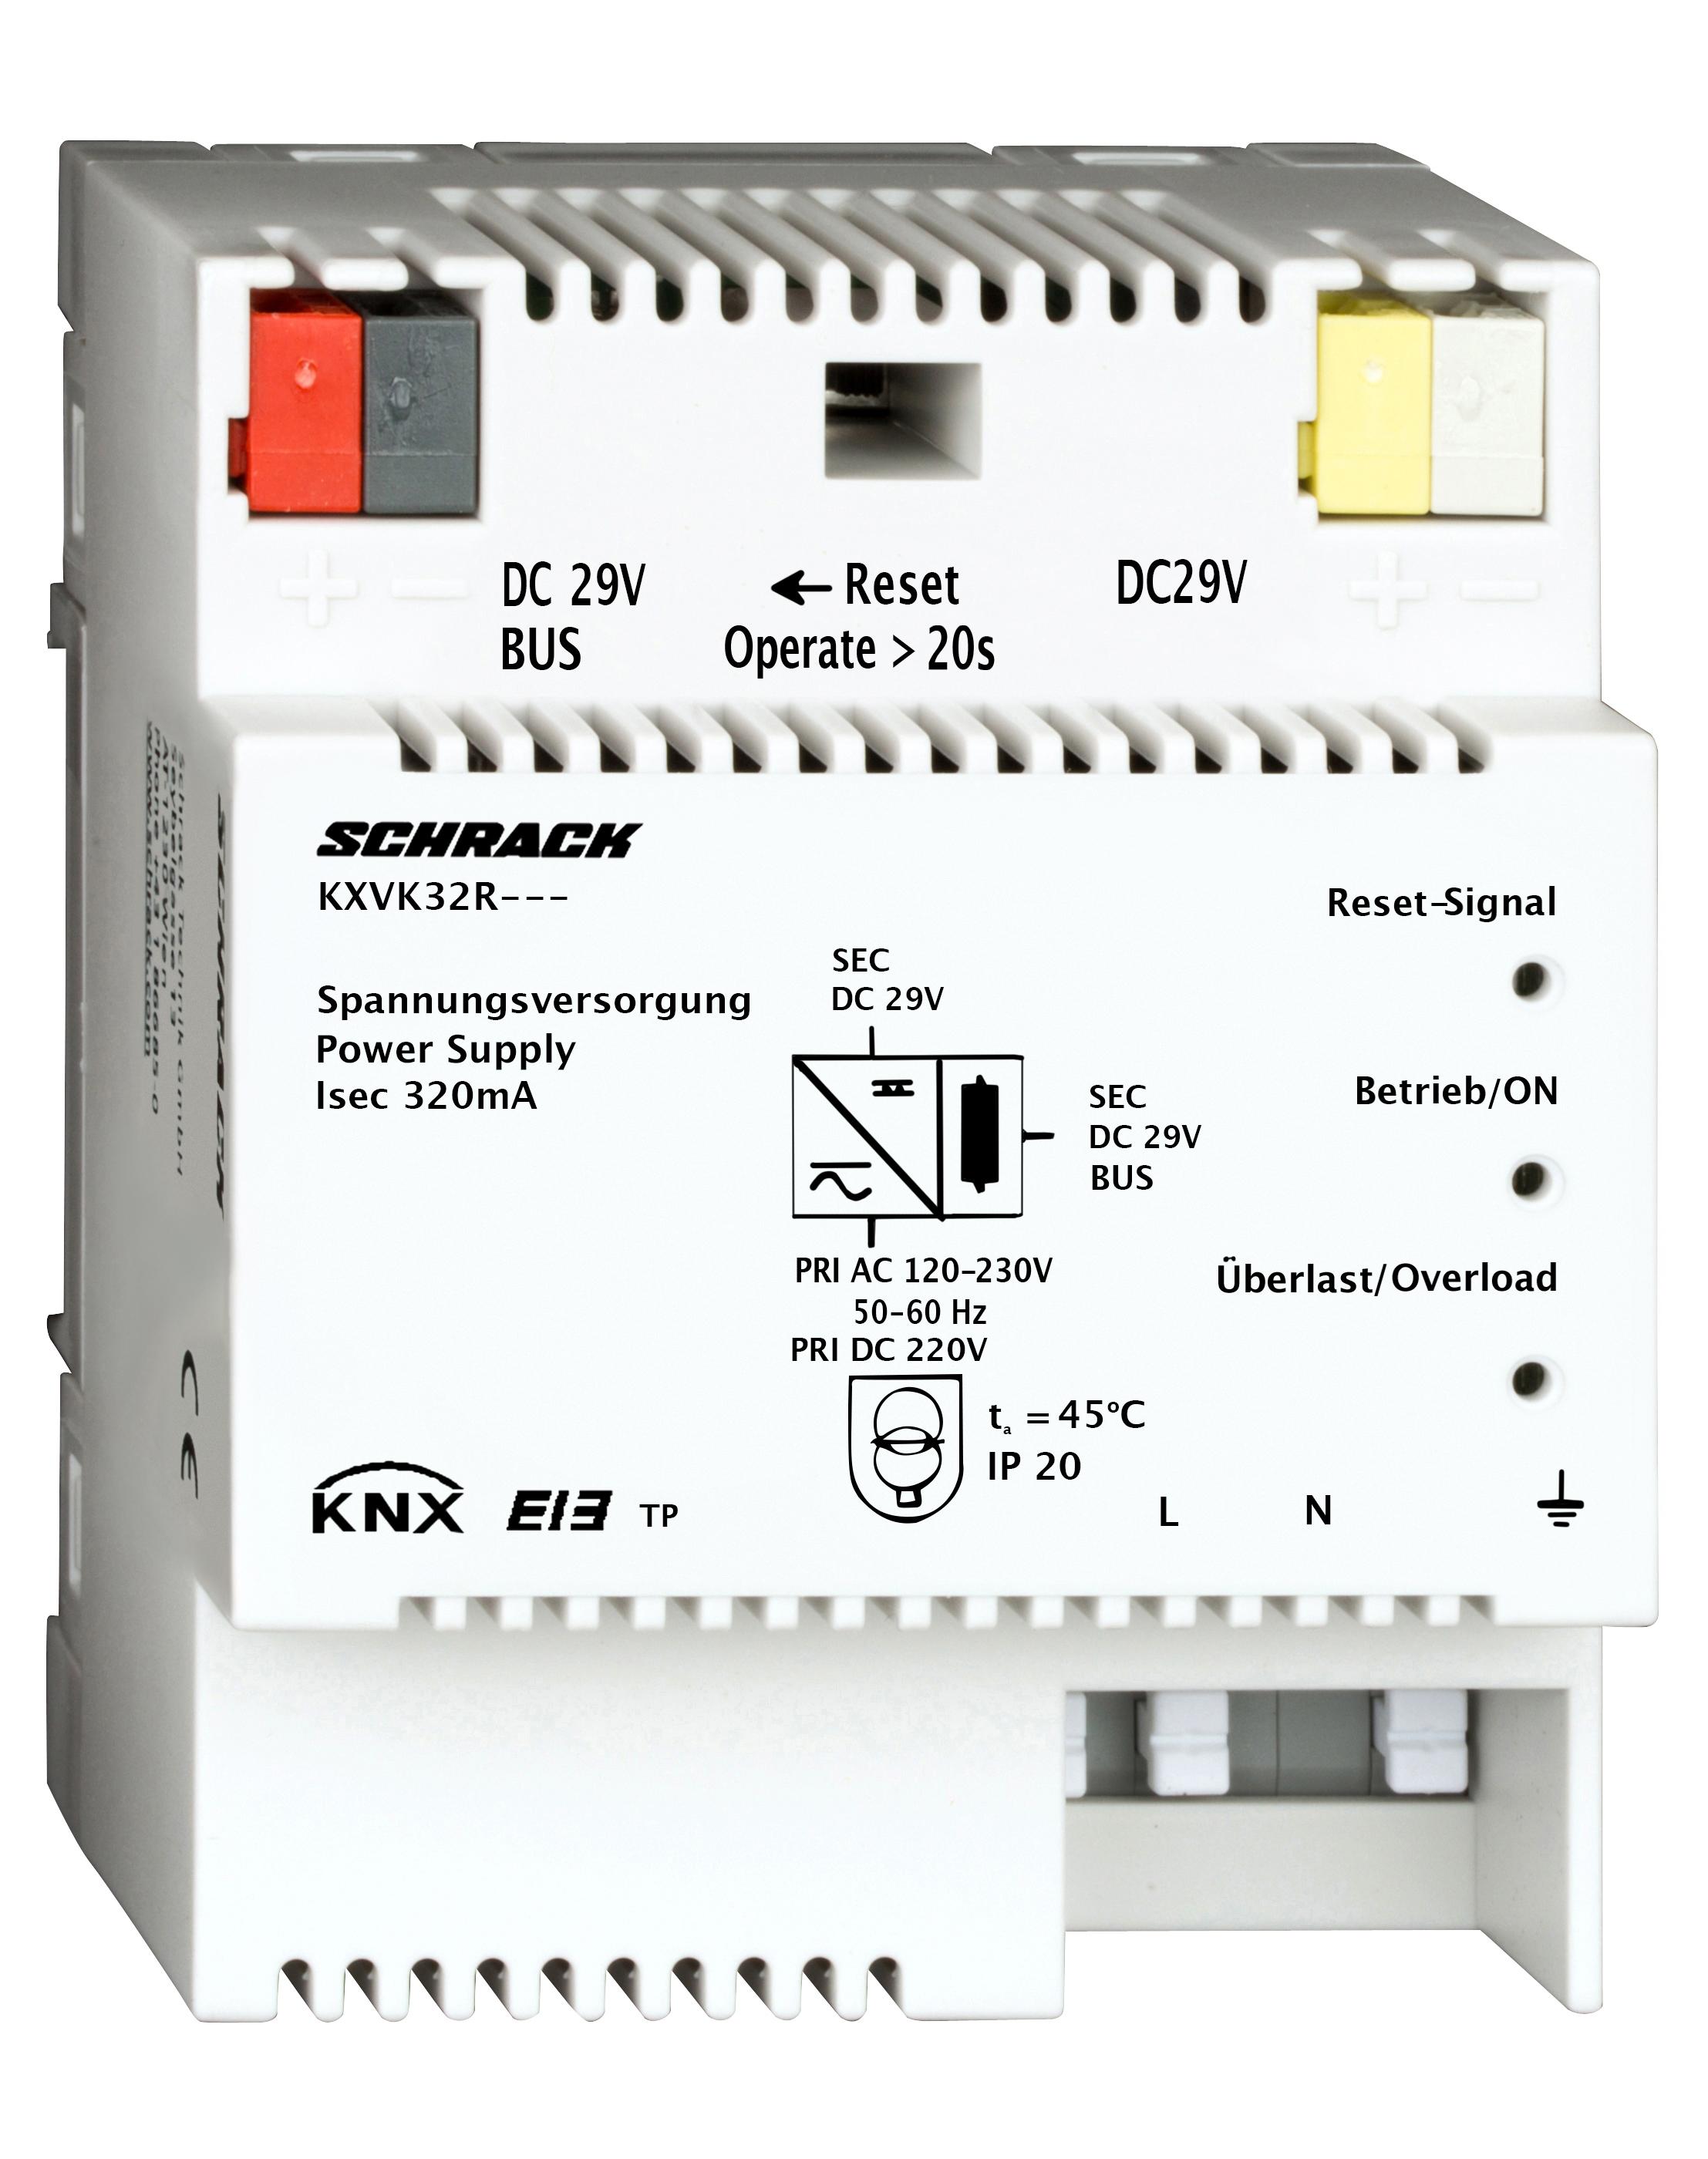 1 Stk KNX Spannungsversorgung, DC 29V, 320mA KXVK32R---